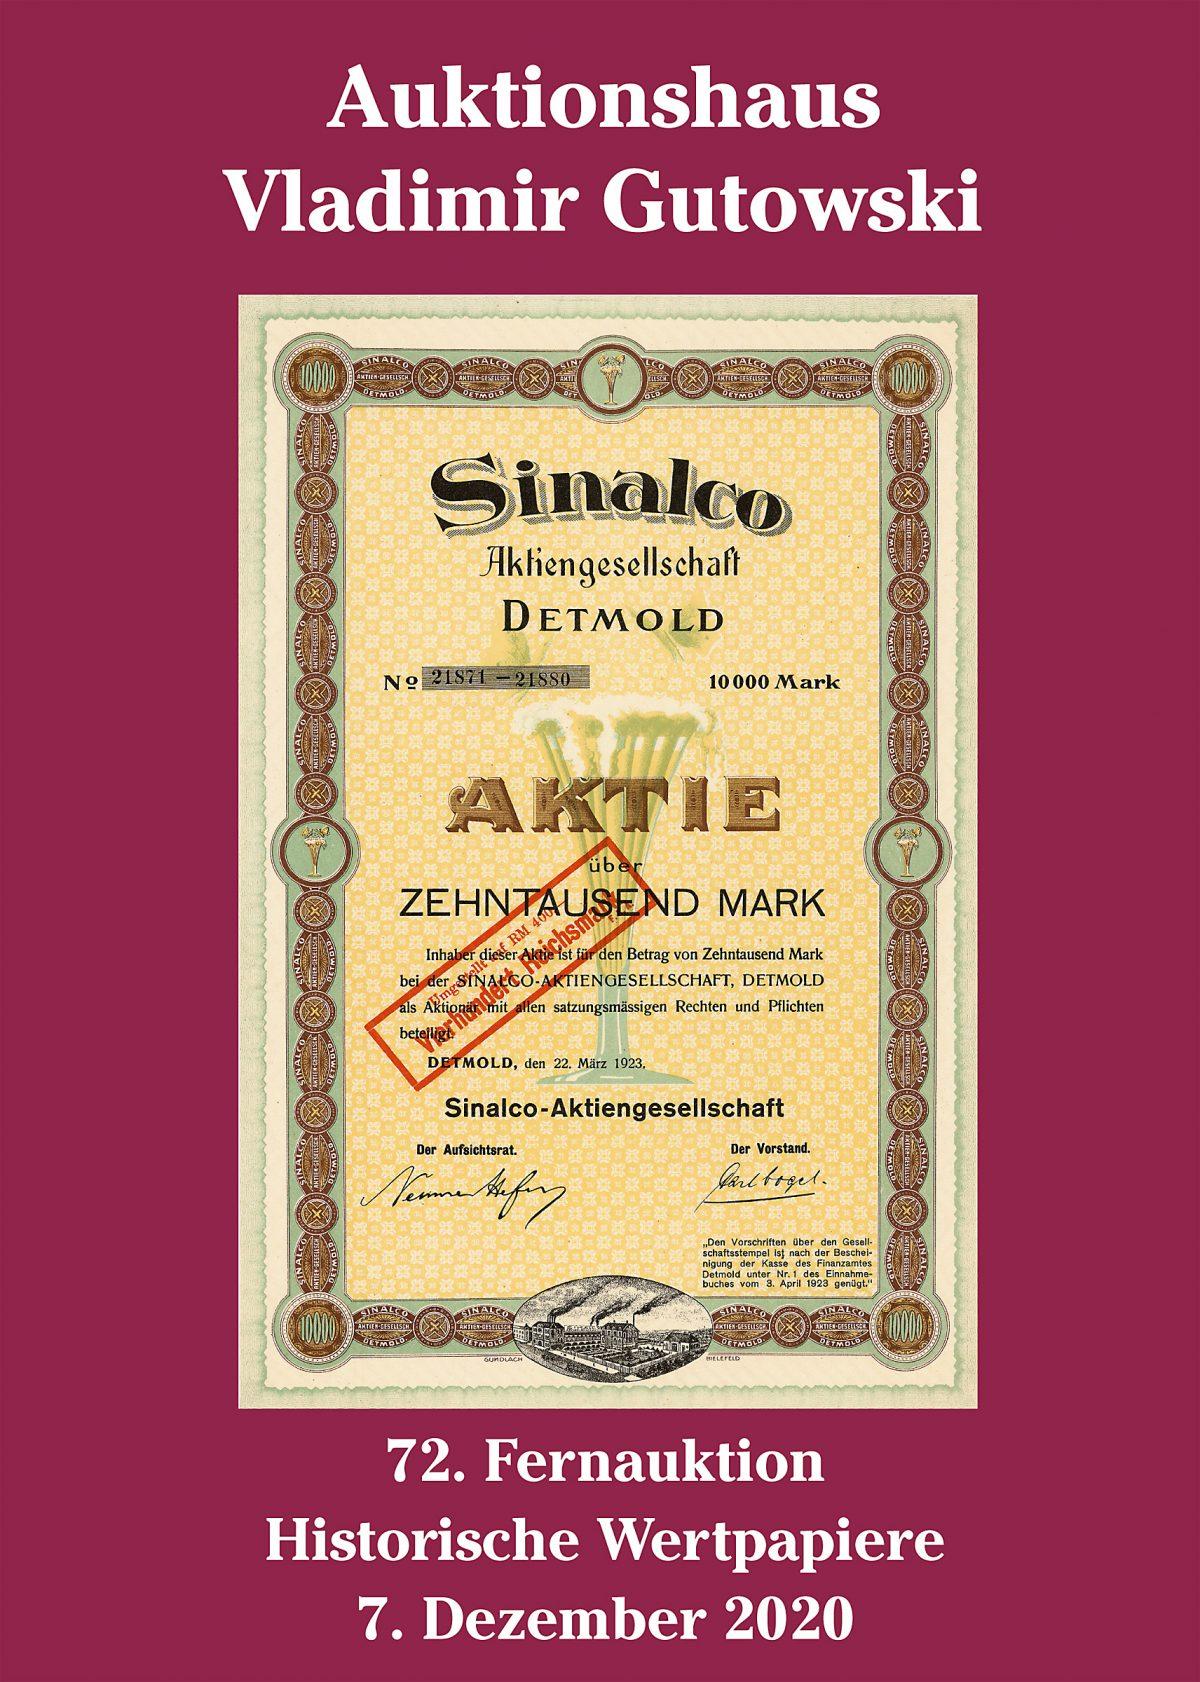 72. Gutowski-Auktion am 7.12.2020